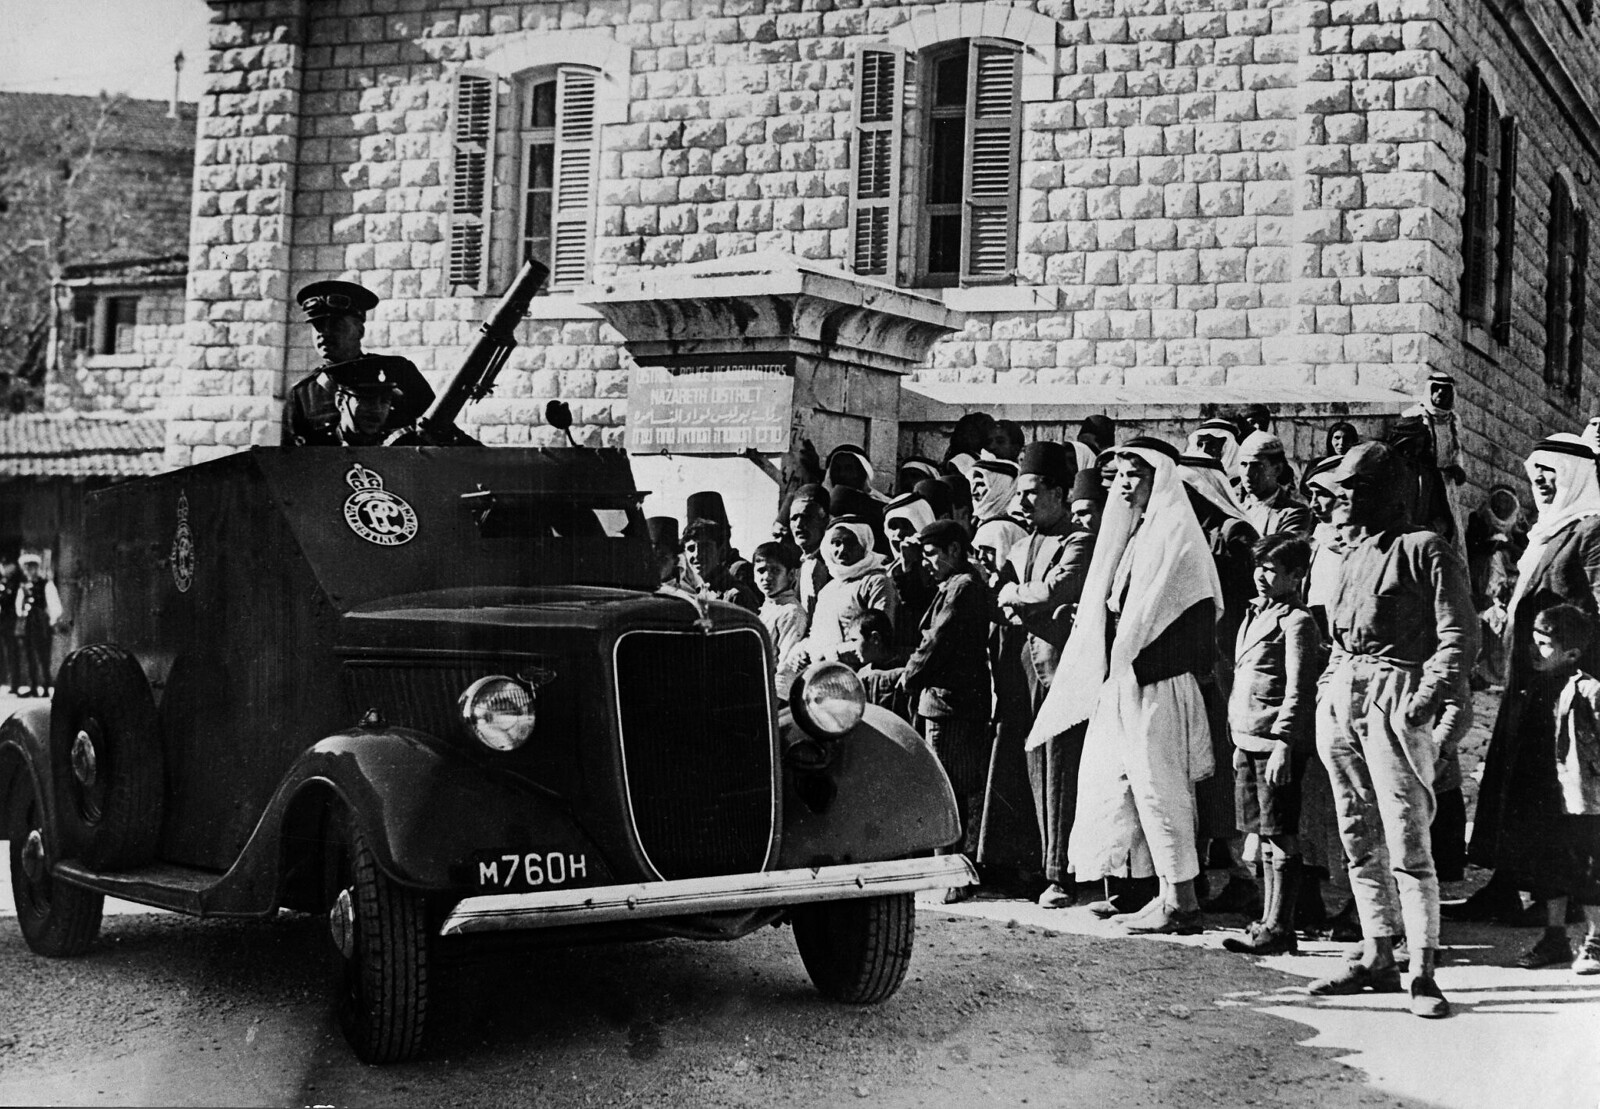 14. 1938. Бронемашина британской полиции в Назарете